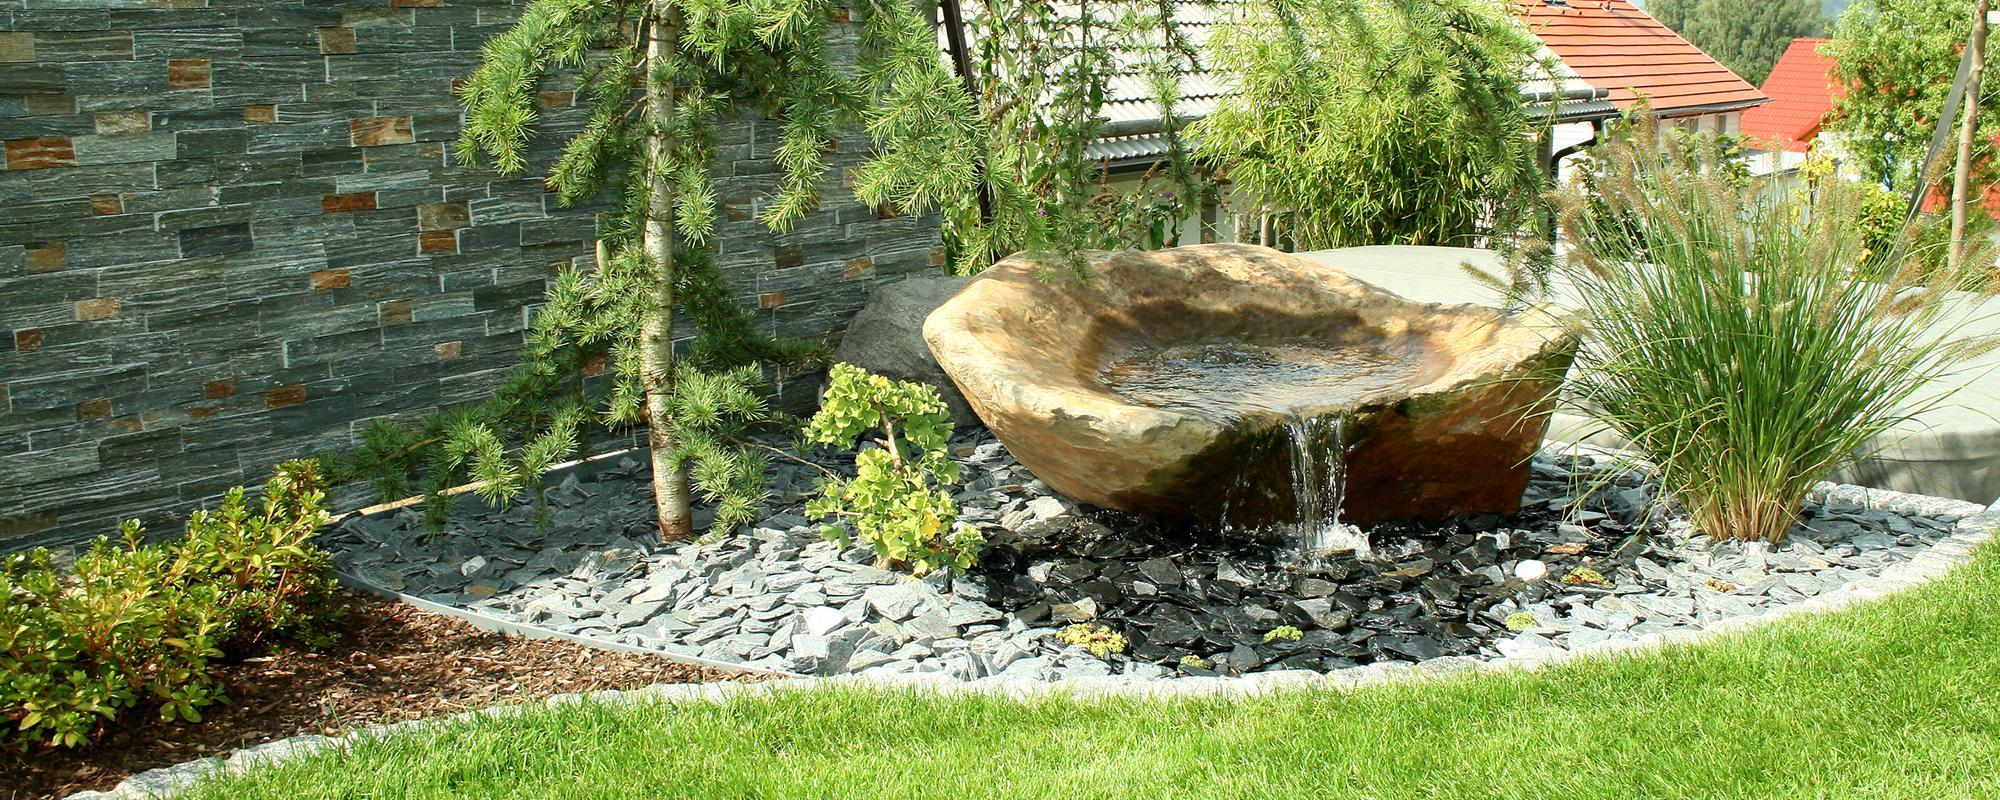 Die Kunst der Gartengestaltung!